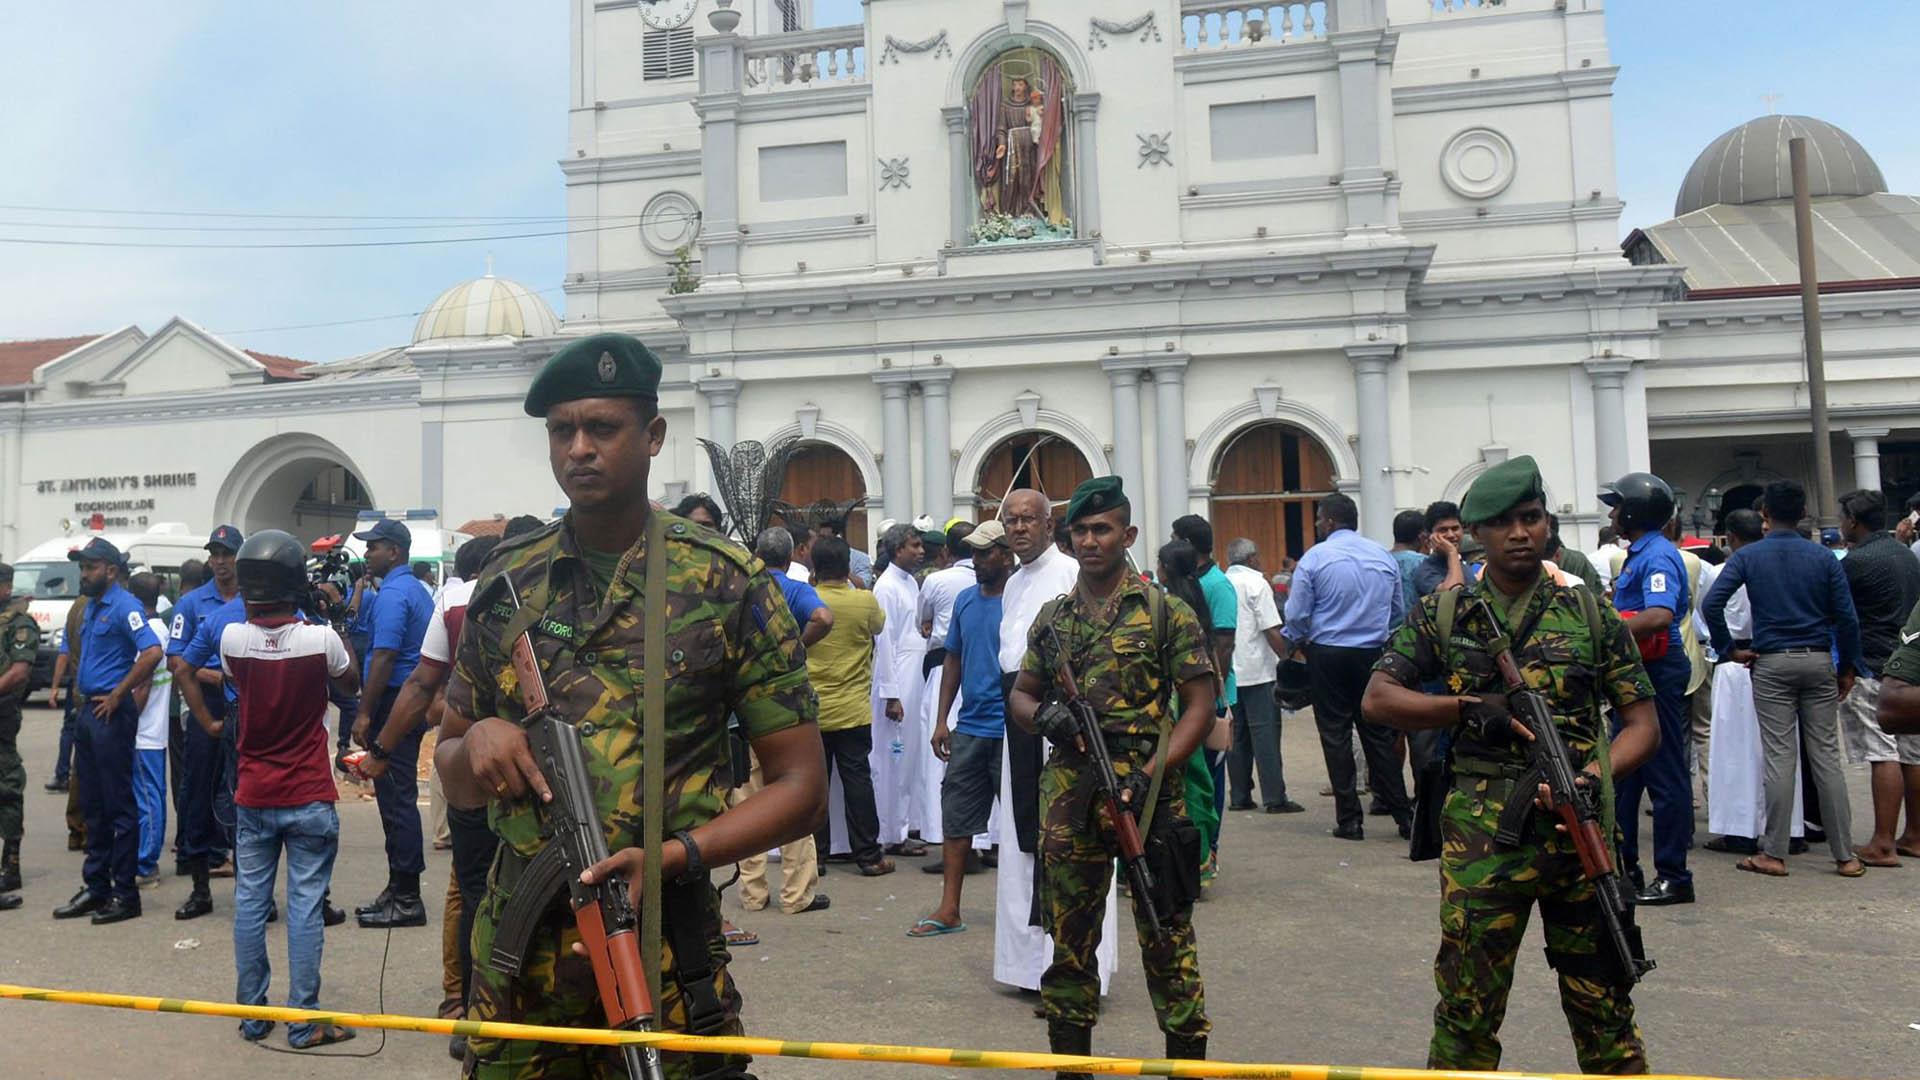 Milicia de Sri Lanka custodiando escena de atentado. Más de 200 personas murieron tras diversos ataques en hoteles e iglesias. Foto de AFP